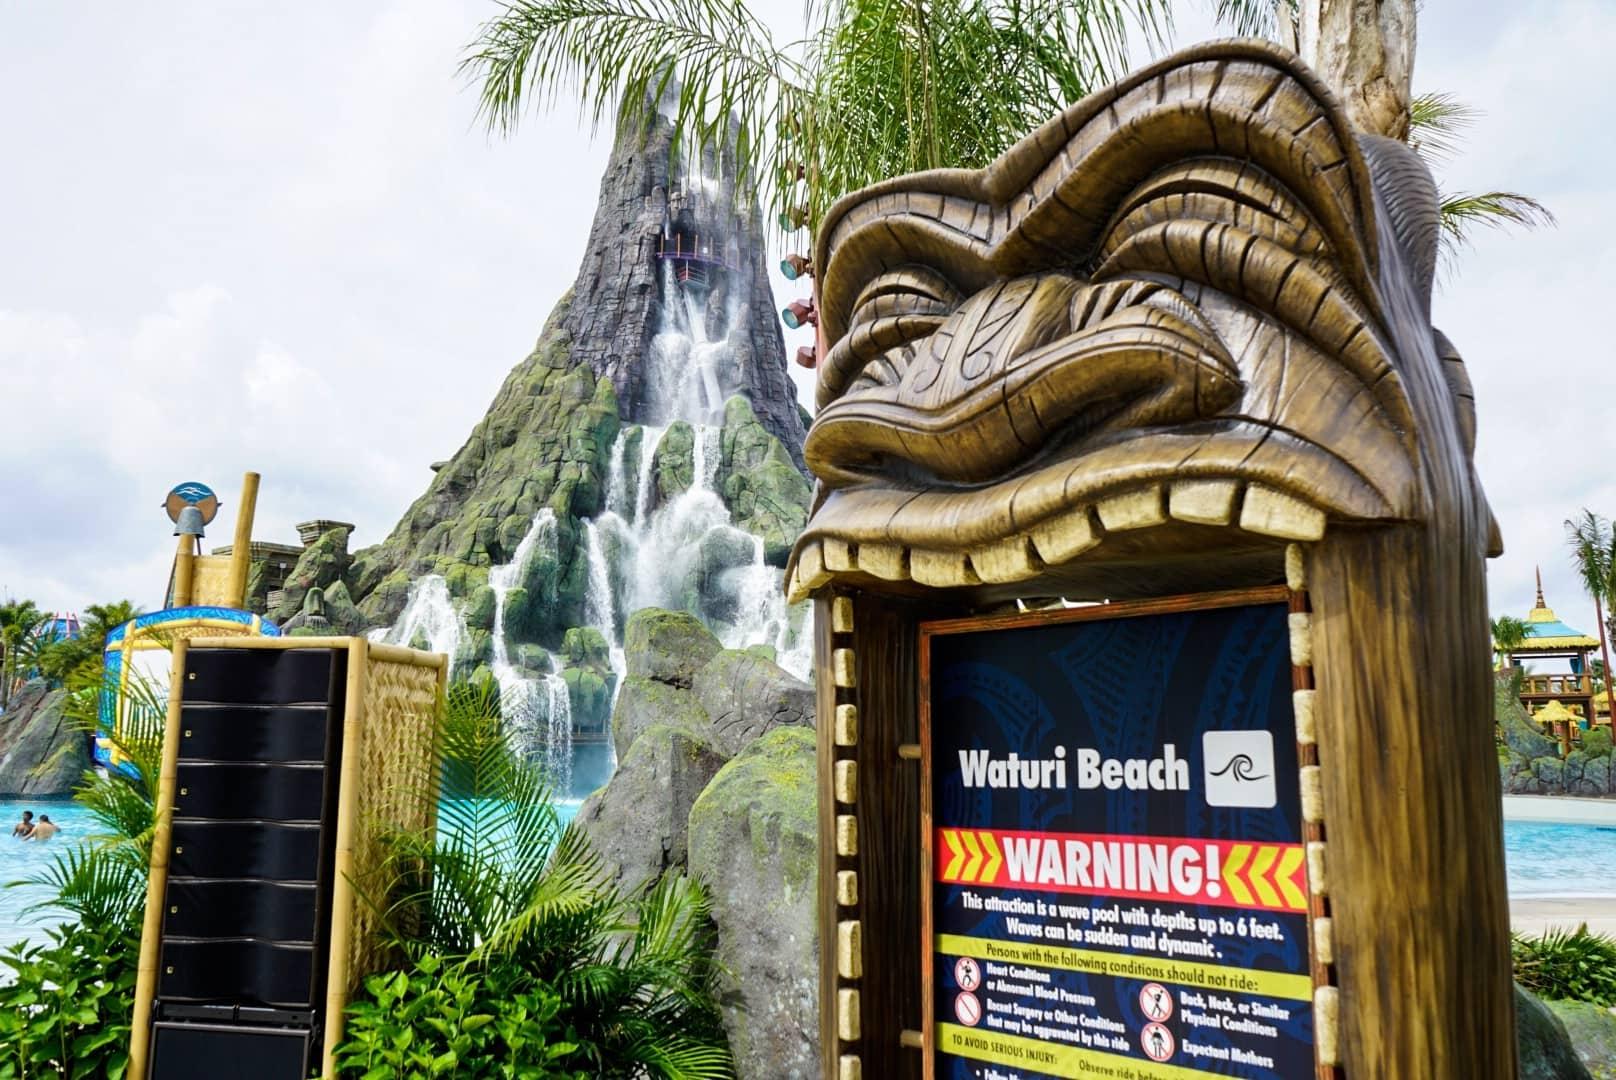 Welcome to Waturi Beach at Universal's Volcano Bay